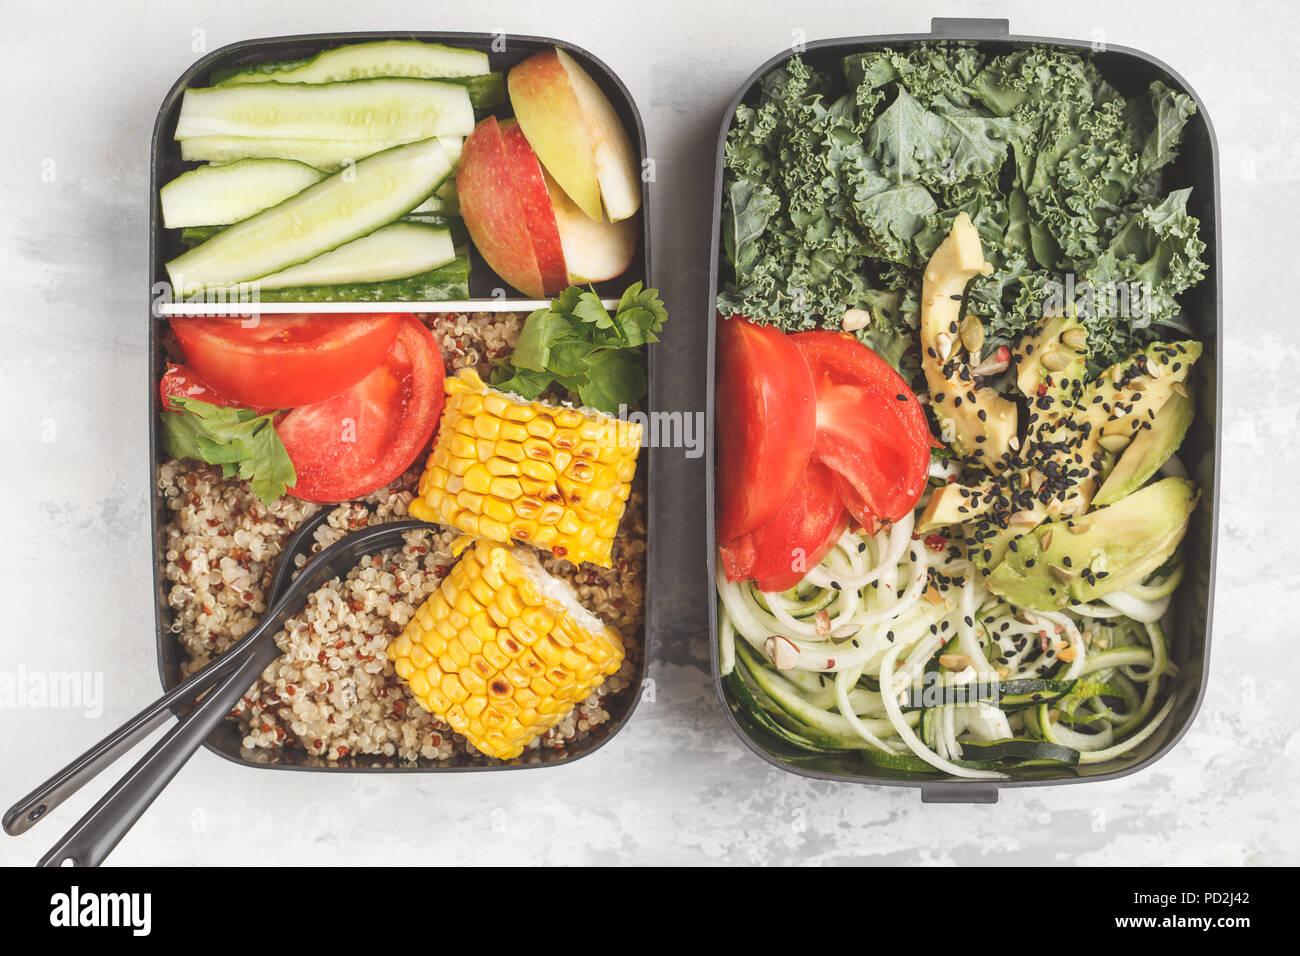 Pasto sano prep contenitori con la quinoa, avocado, mais, zucchine tagliatelle e Kale. Cibo da asporto. Sfondo bianco, vista dall'alto. Immagini Stock